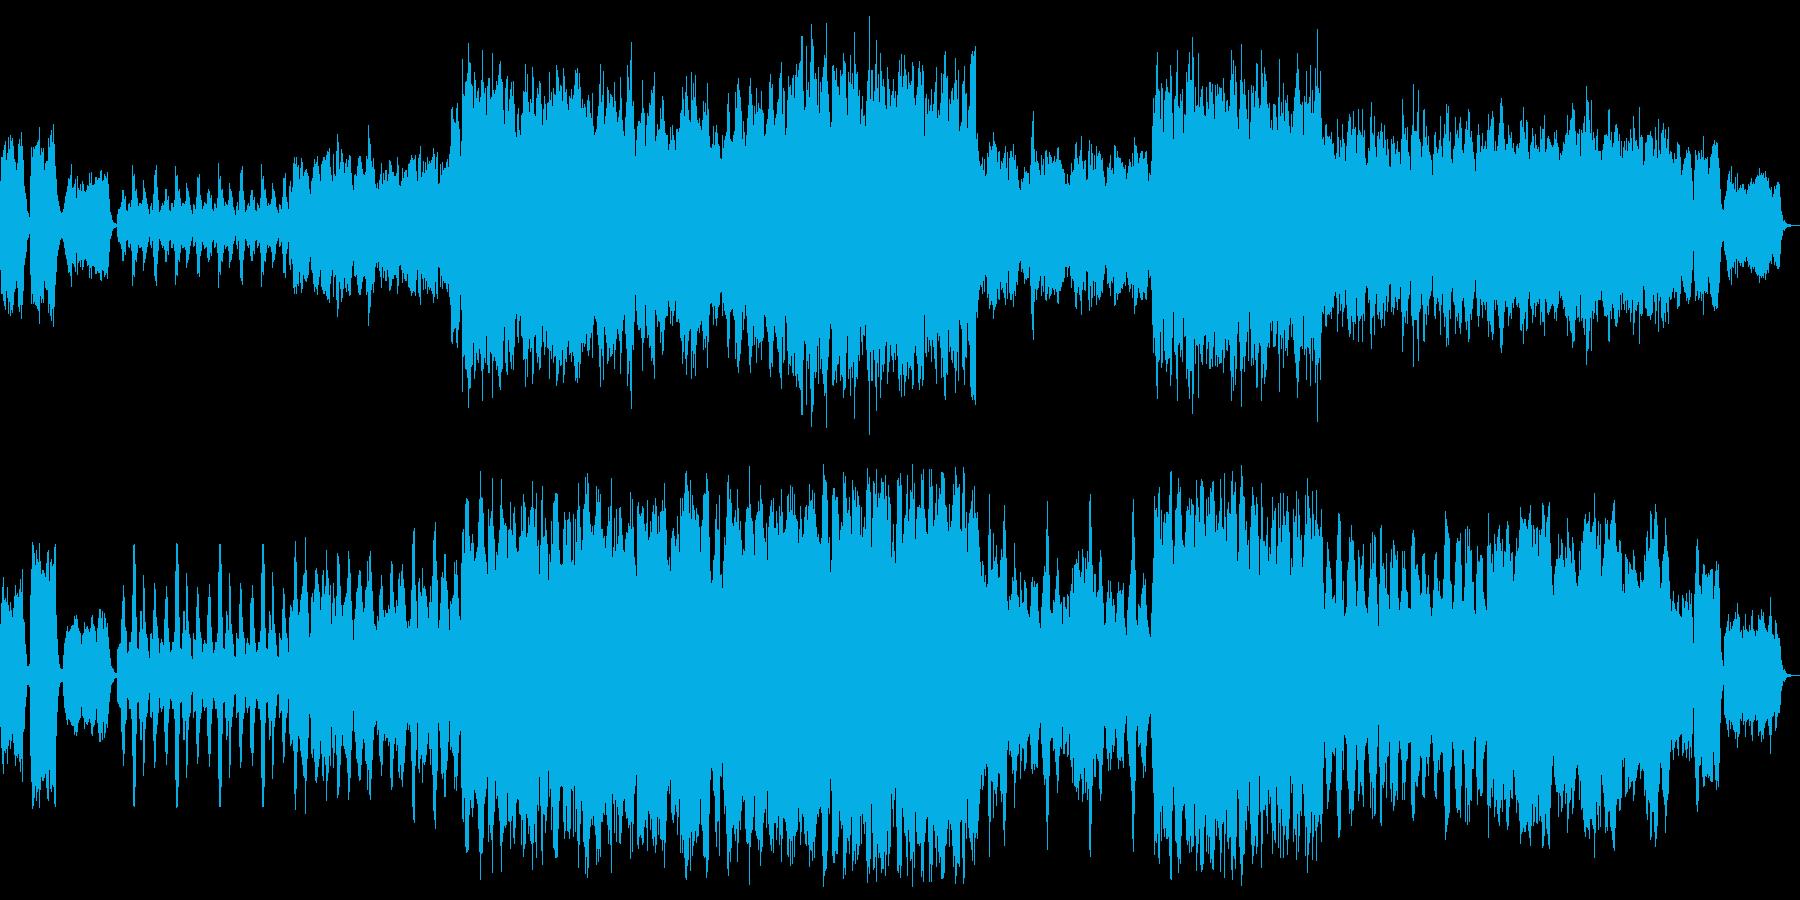 落ち着いた暗いワルツの再生済みの波形